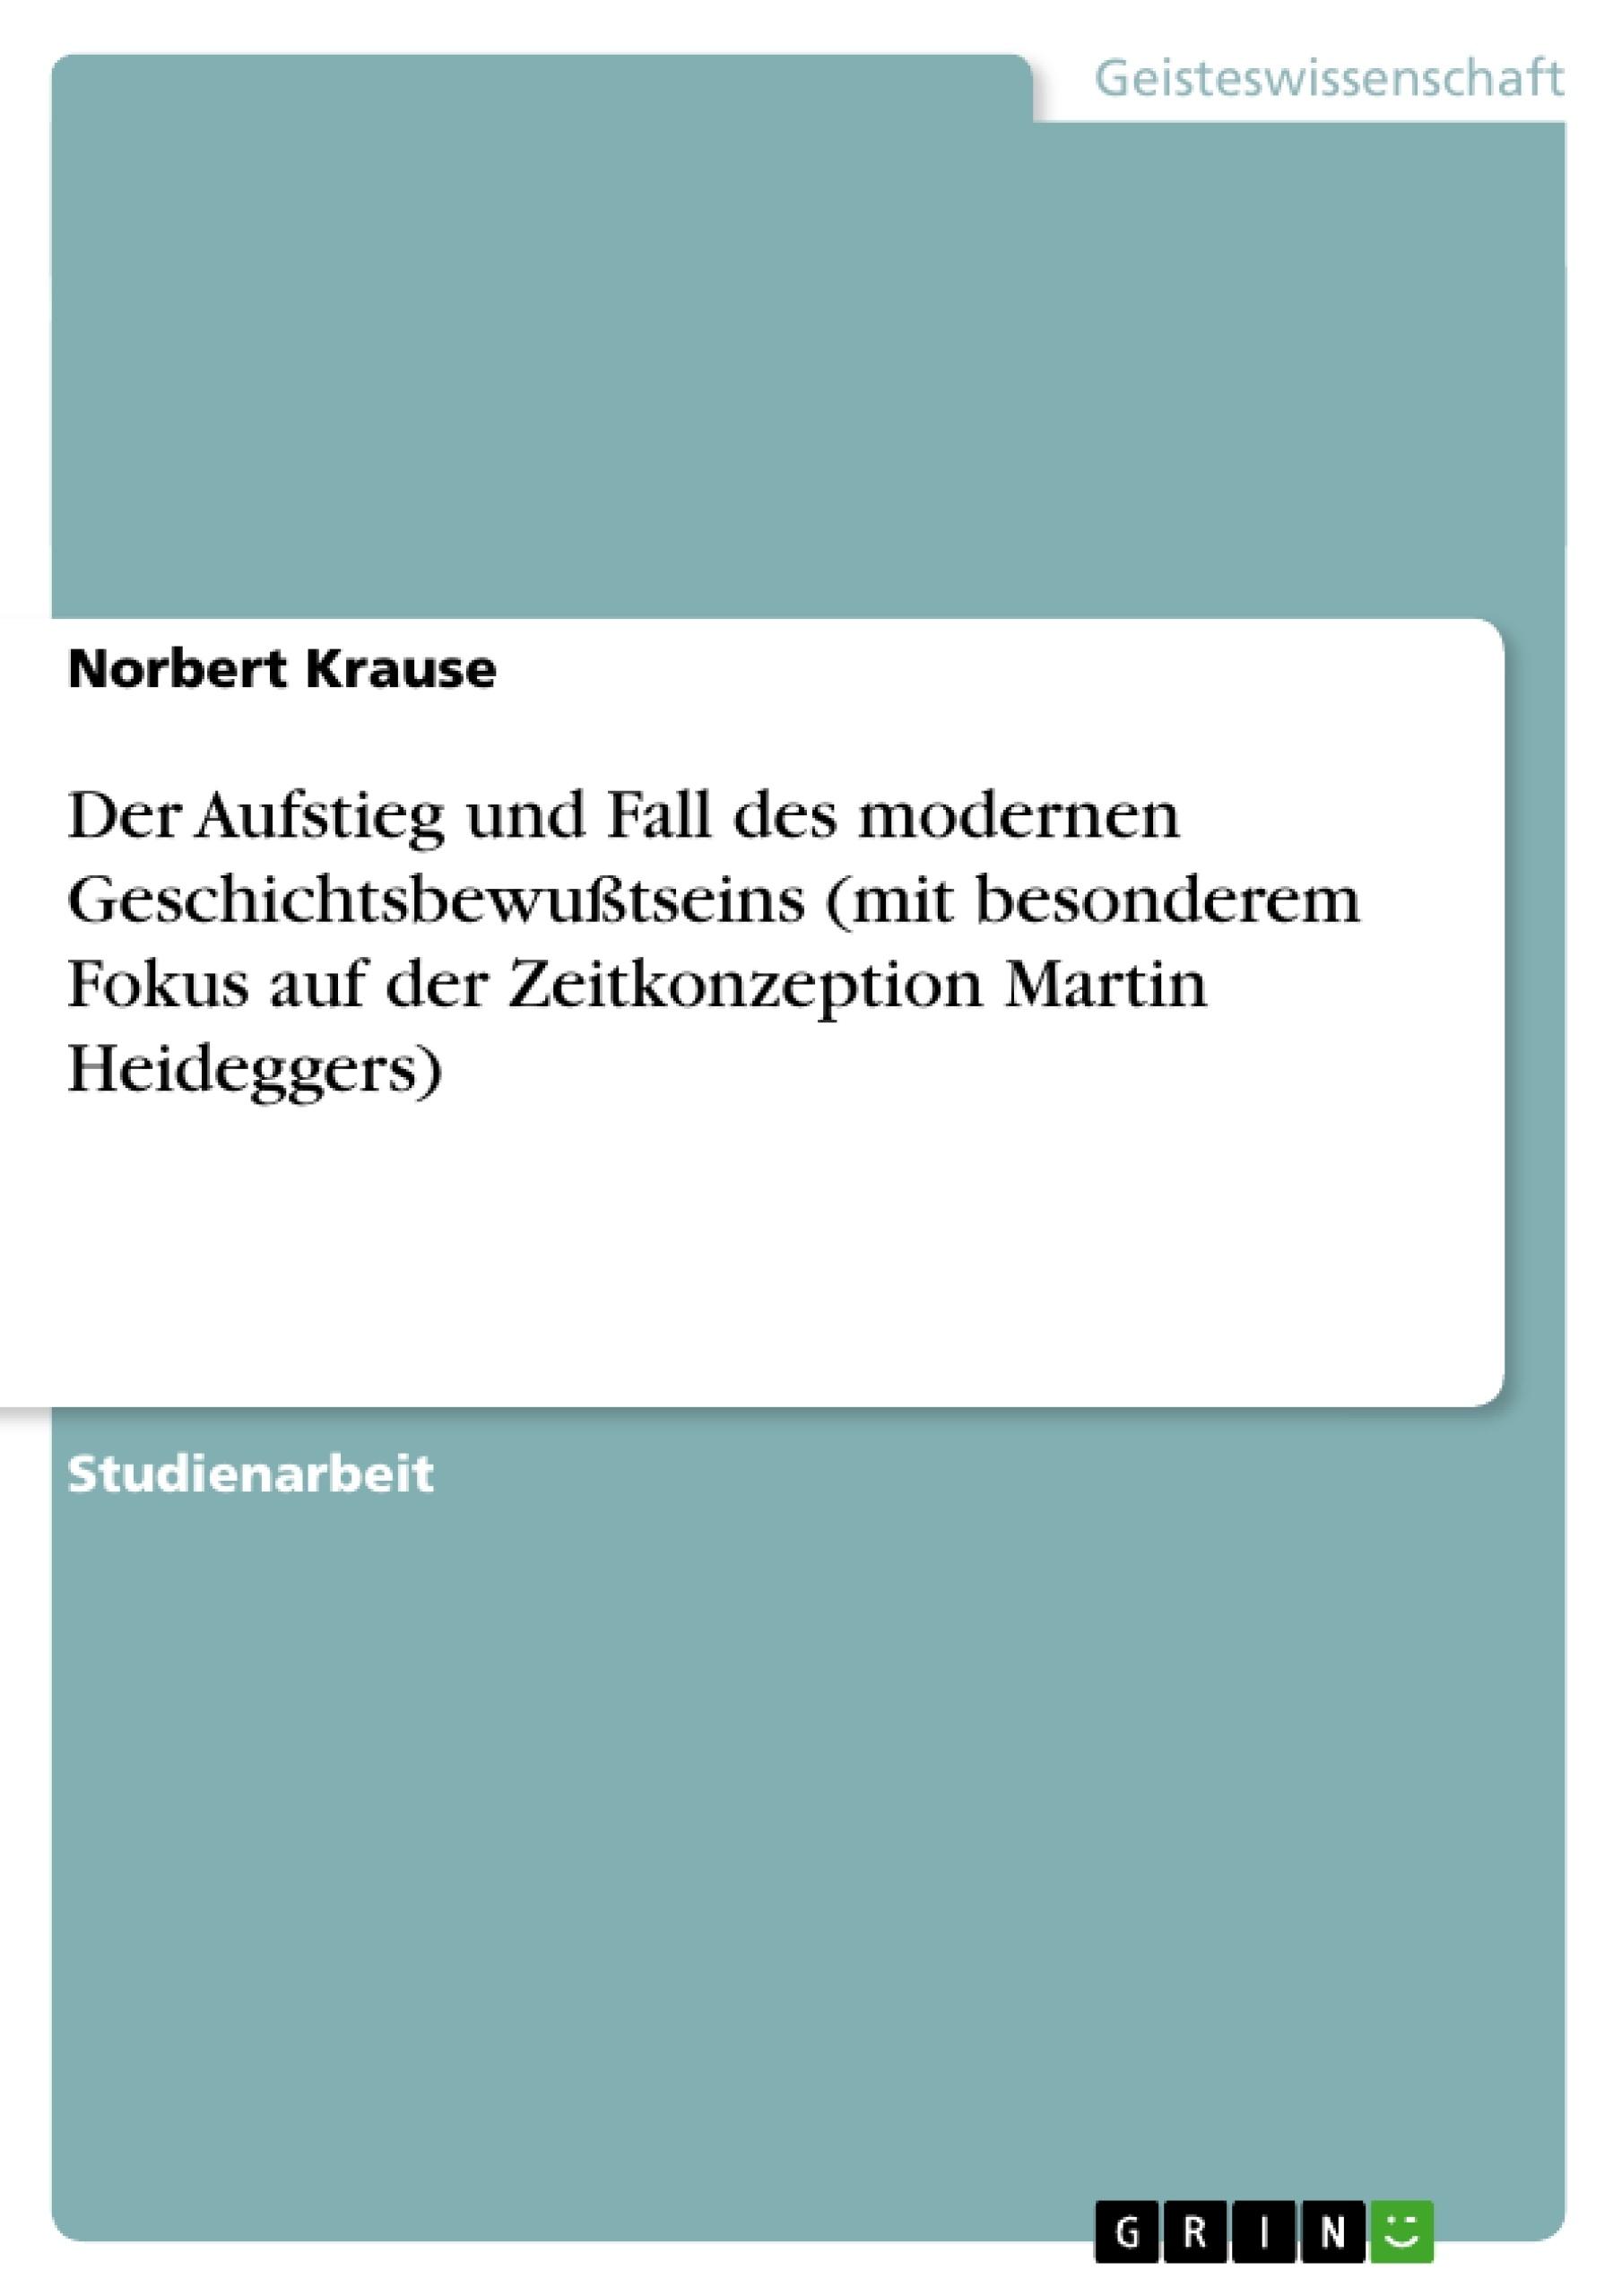 Titel: Der Aufstieg und Fall des modernen Geschichtsbewußtseins (mit besonderem Fokus auf der Zeitkonzeption Martin Heideggers)